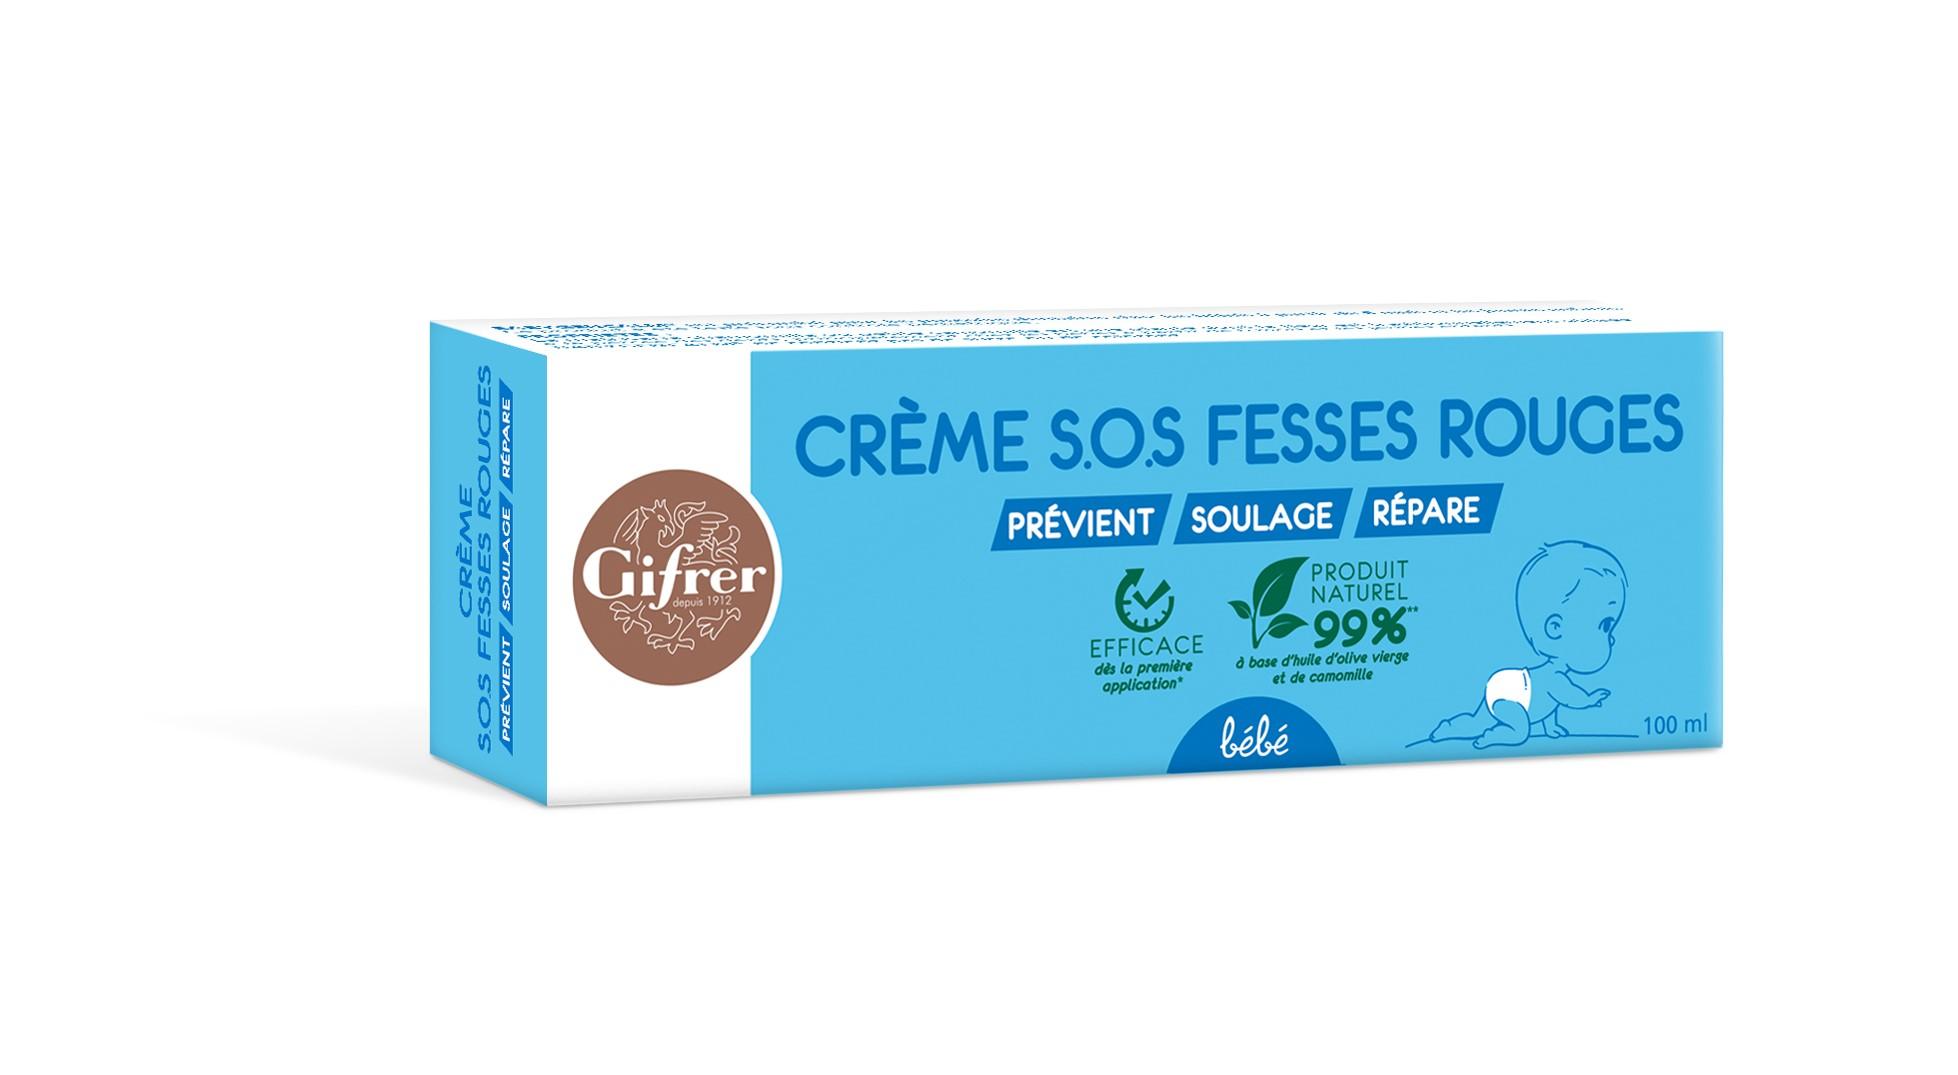 Crème SOS Fesses Rouges